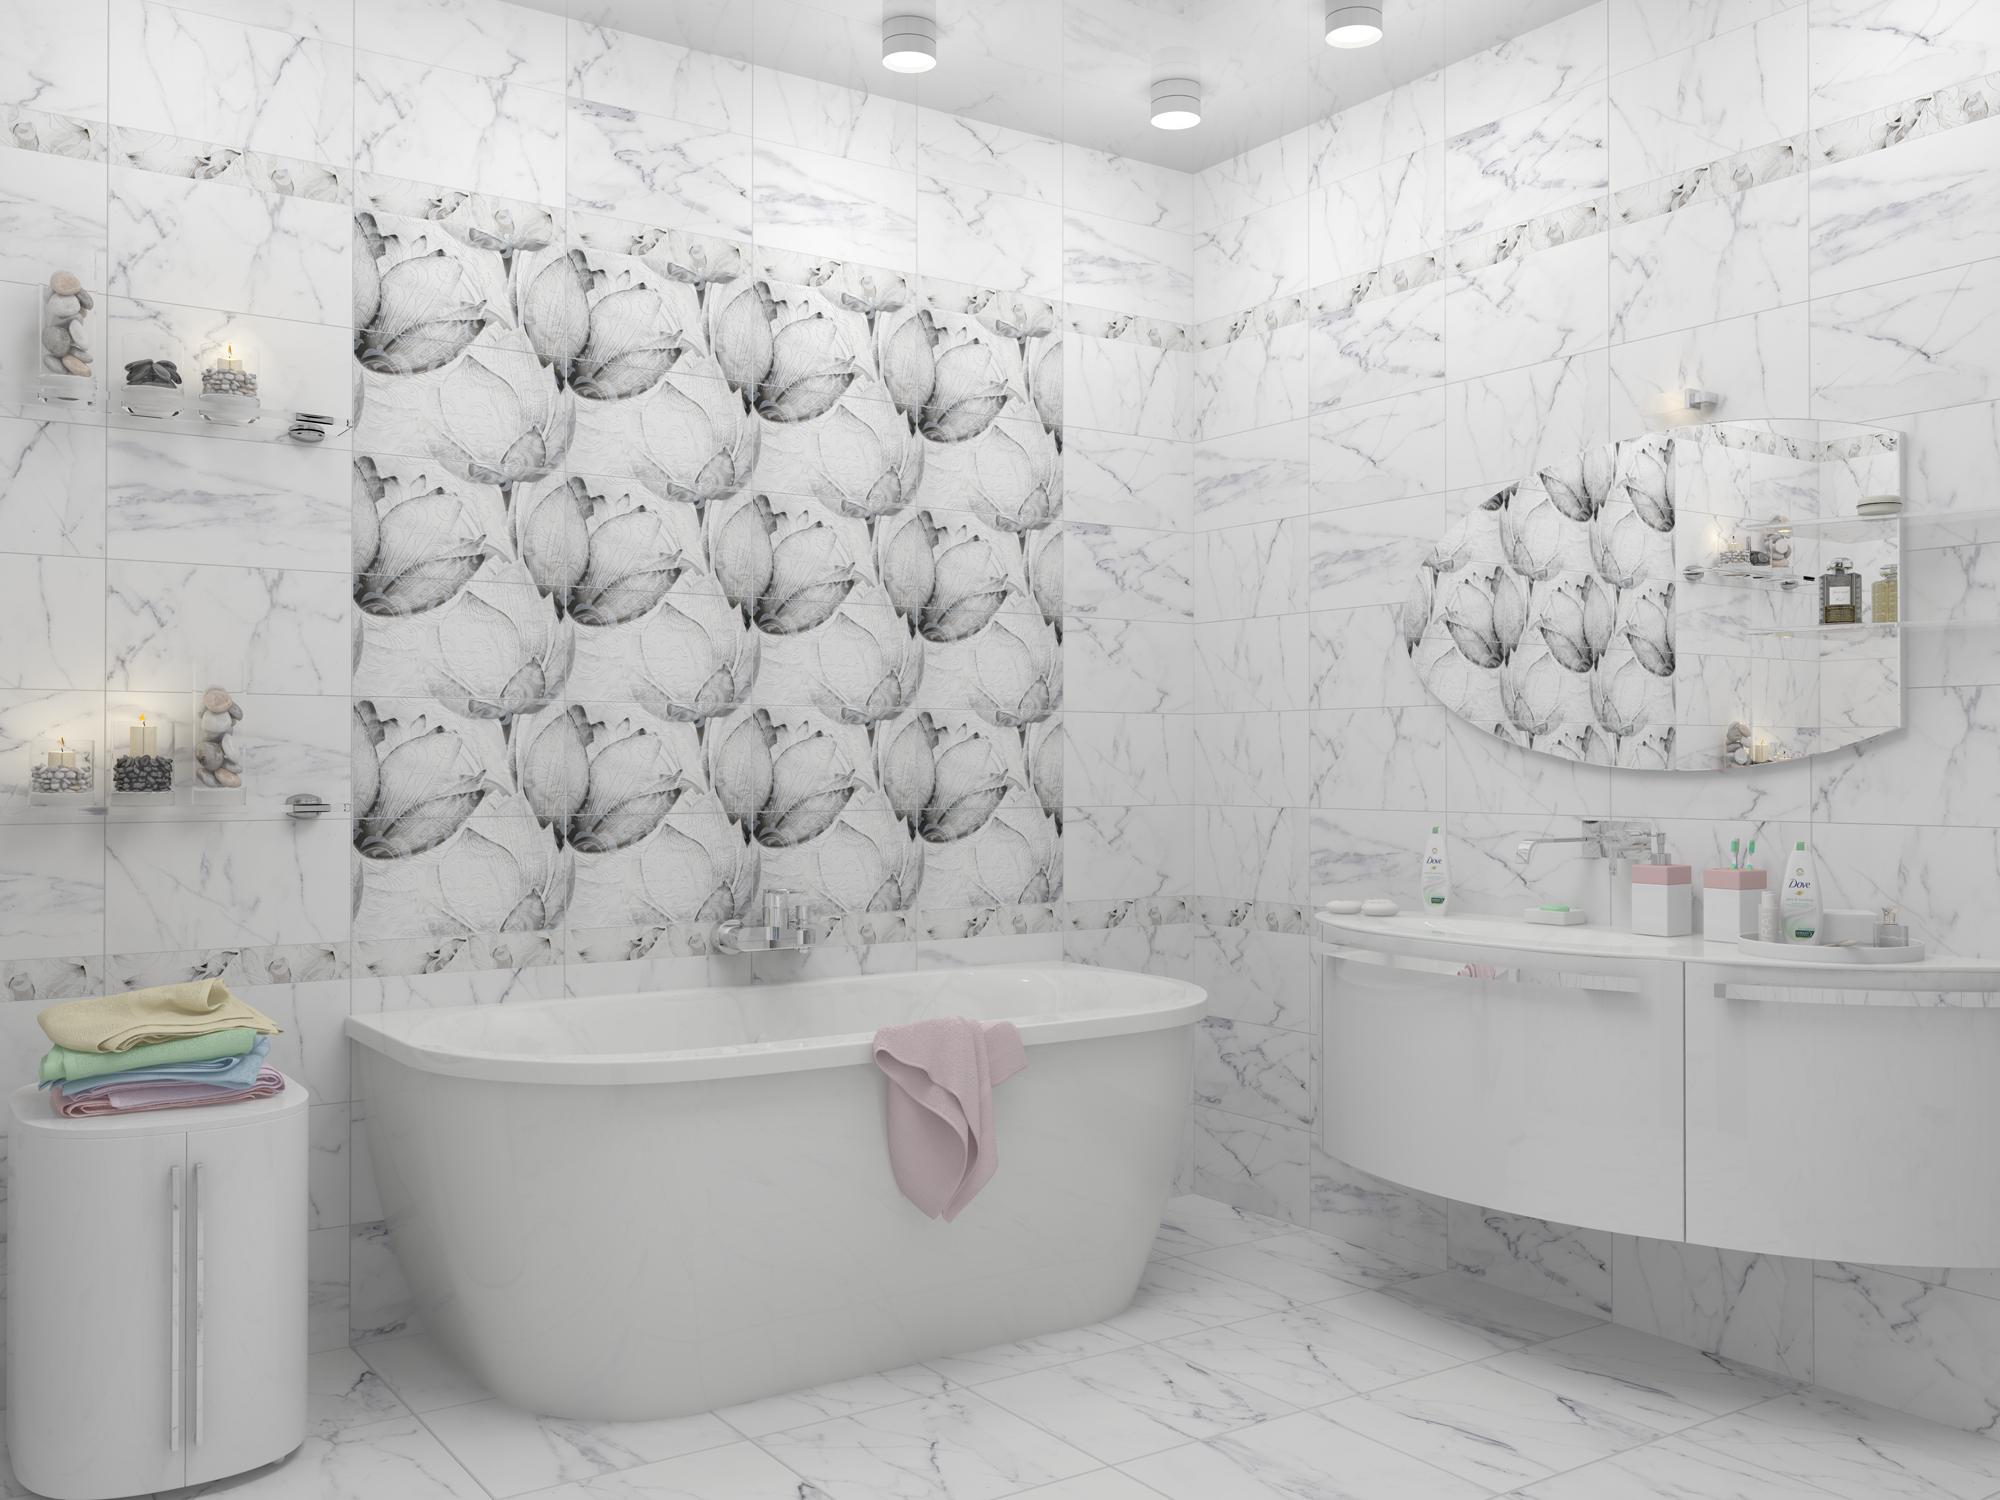 Напольная плитка под мрамор (39 фото): глянцевая белая и черная плитка на пол, идеи оформления интерьера